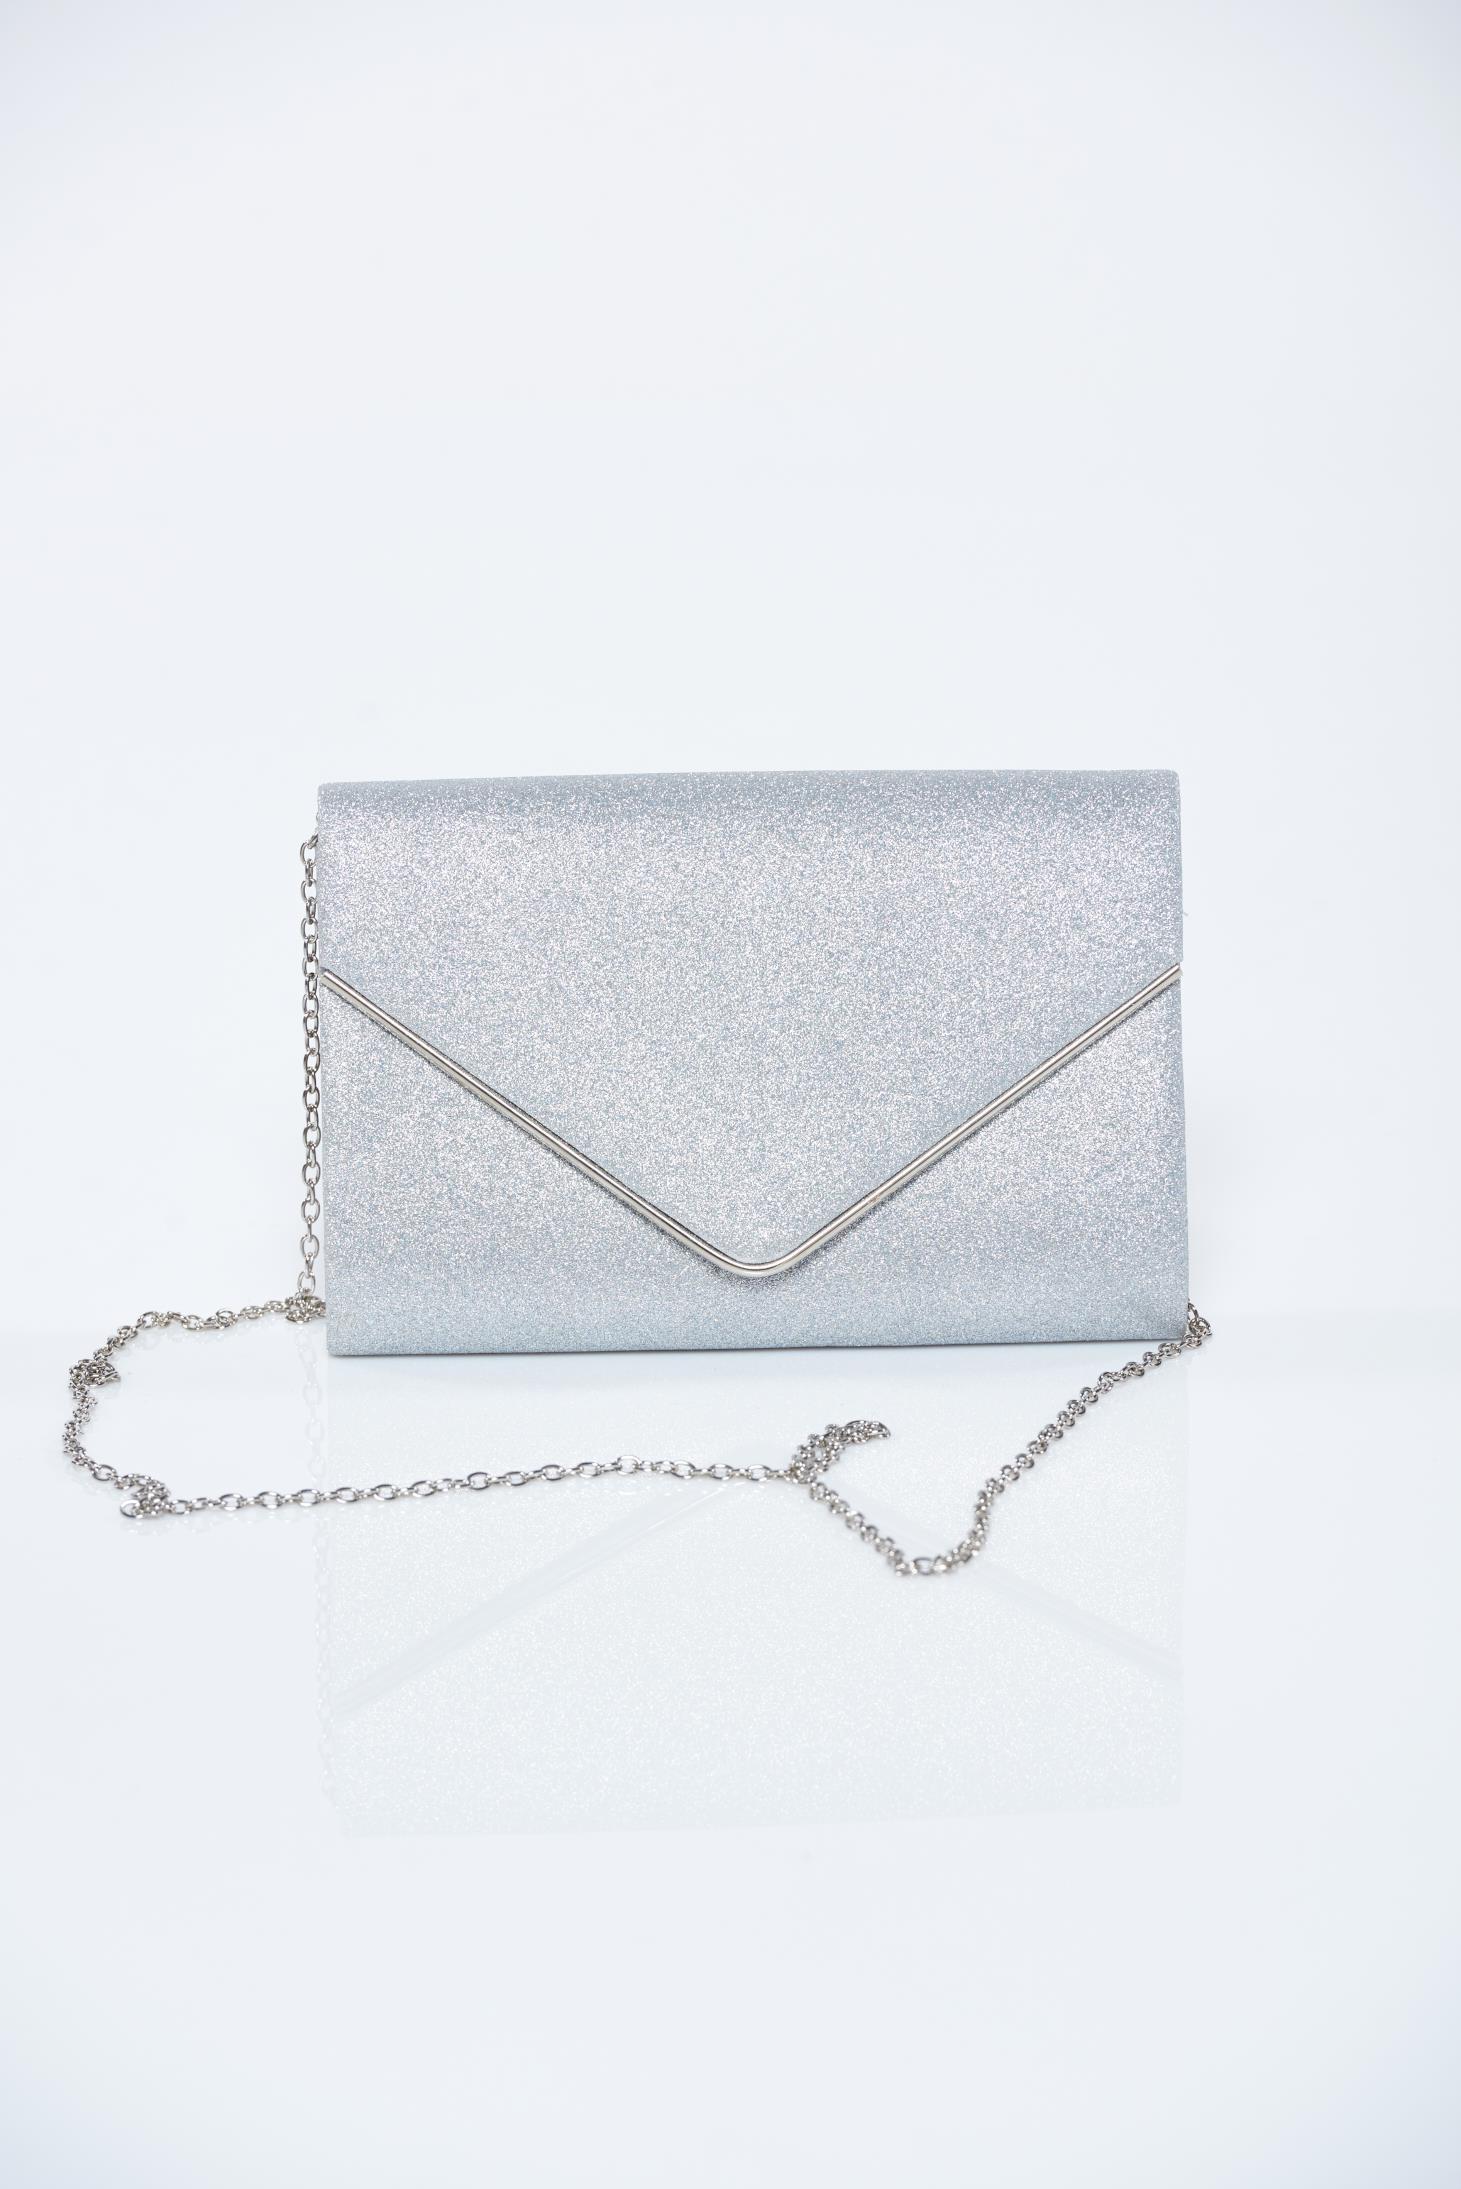 95d716f766f9 Ezüst táska csillogó díszítések